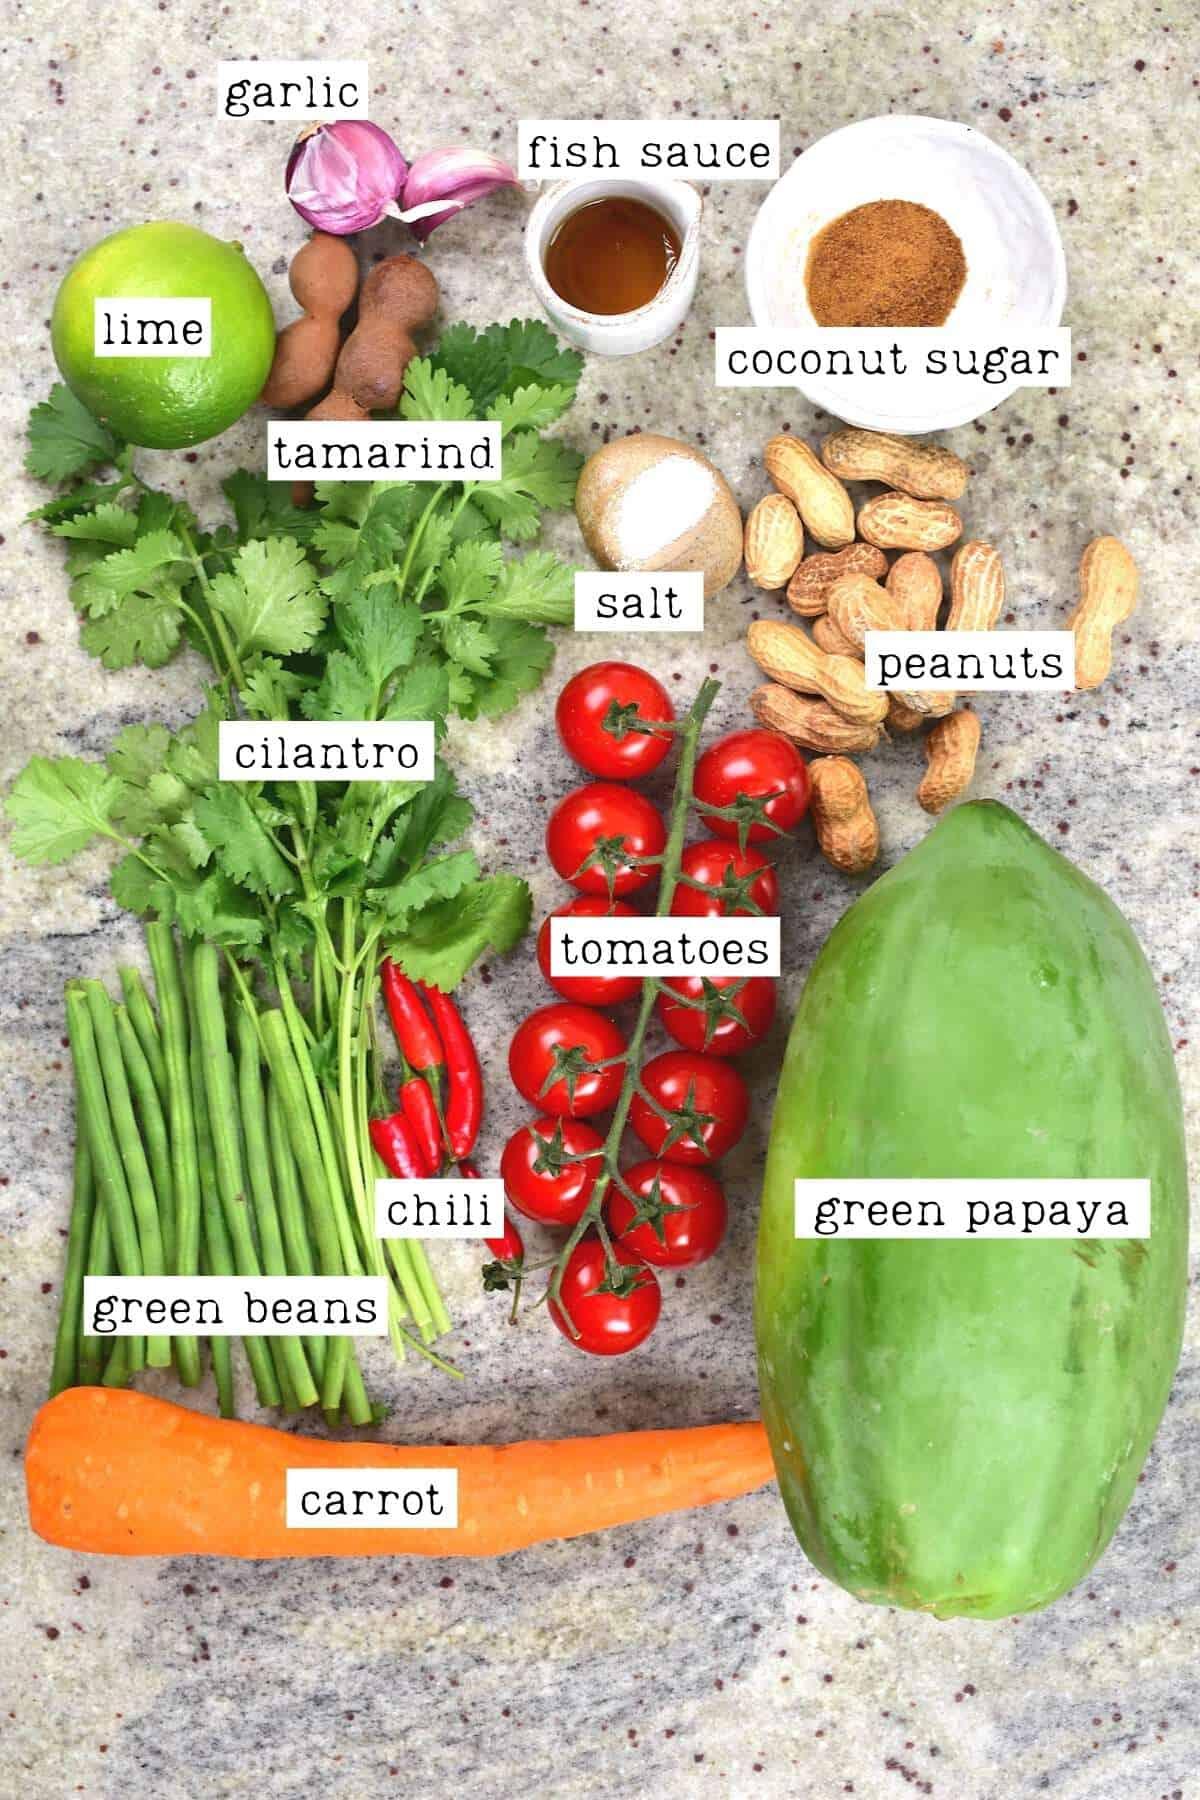 Ingredients for papaya salad